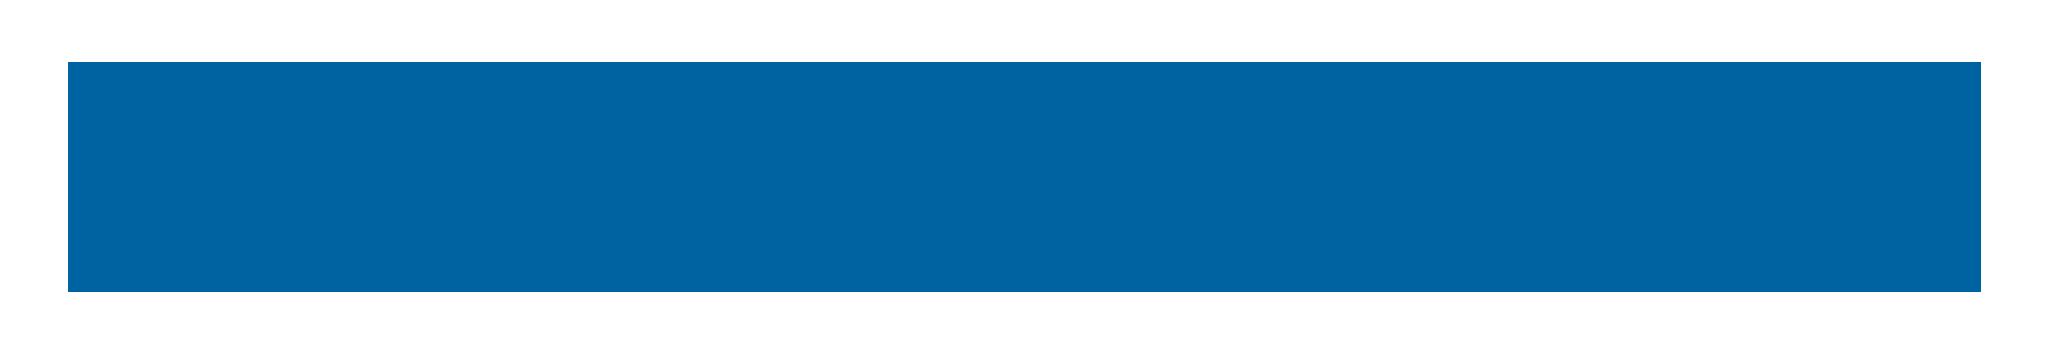 BexBrands